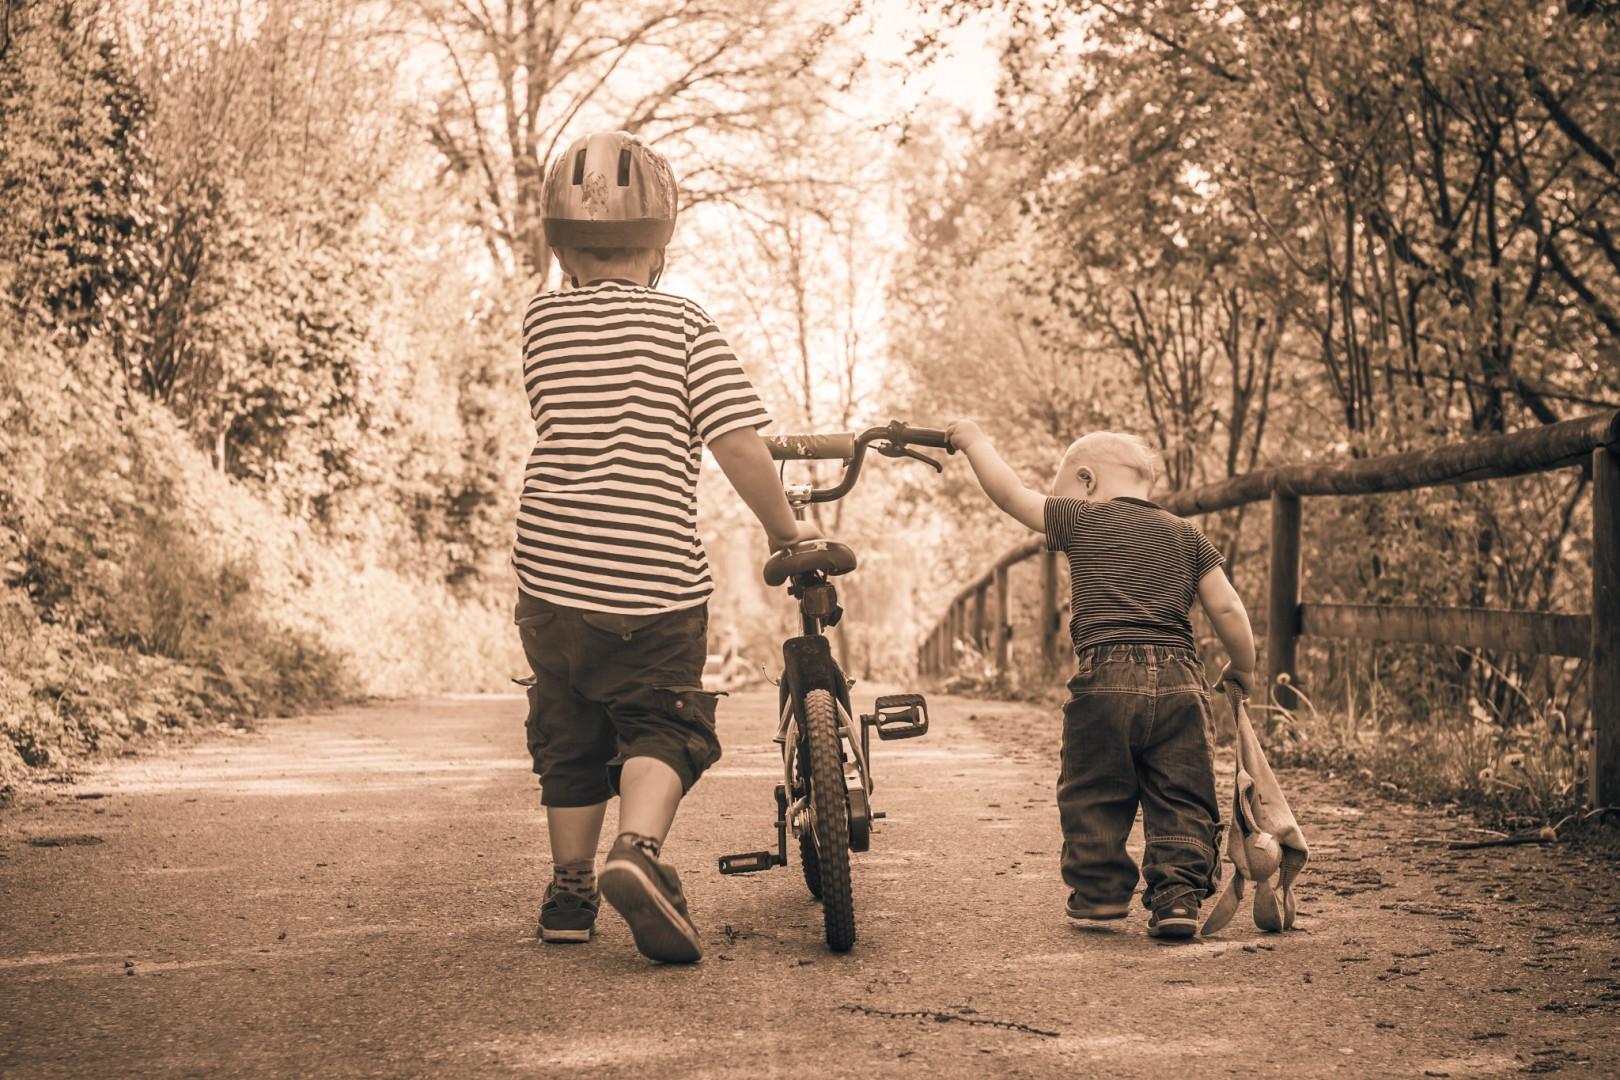 Zwei Brüder, die gemeinsam ein Fahrad einen schattigen Gehweg entlang schieben, Sepia-Filter, Totale